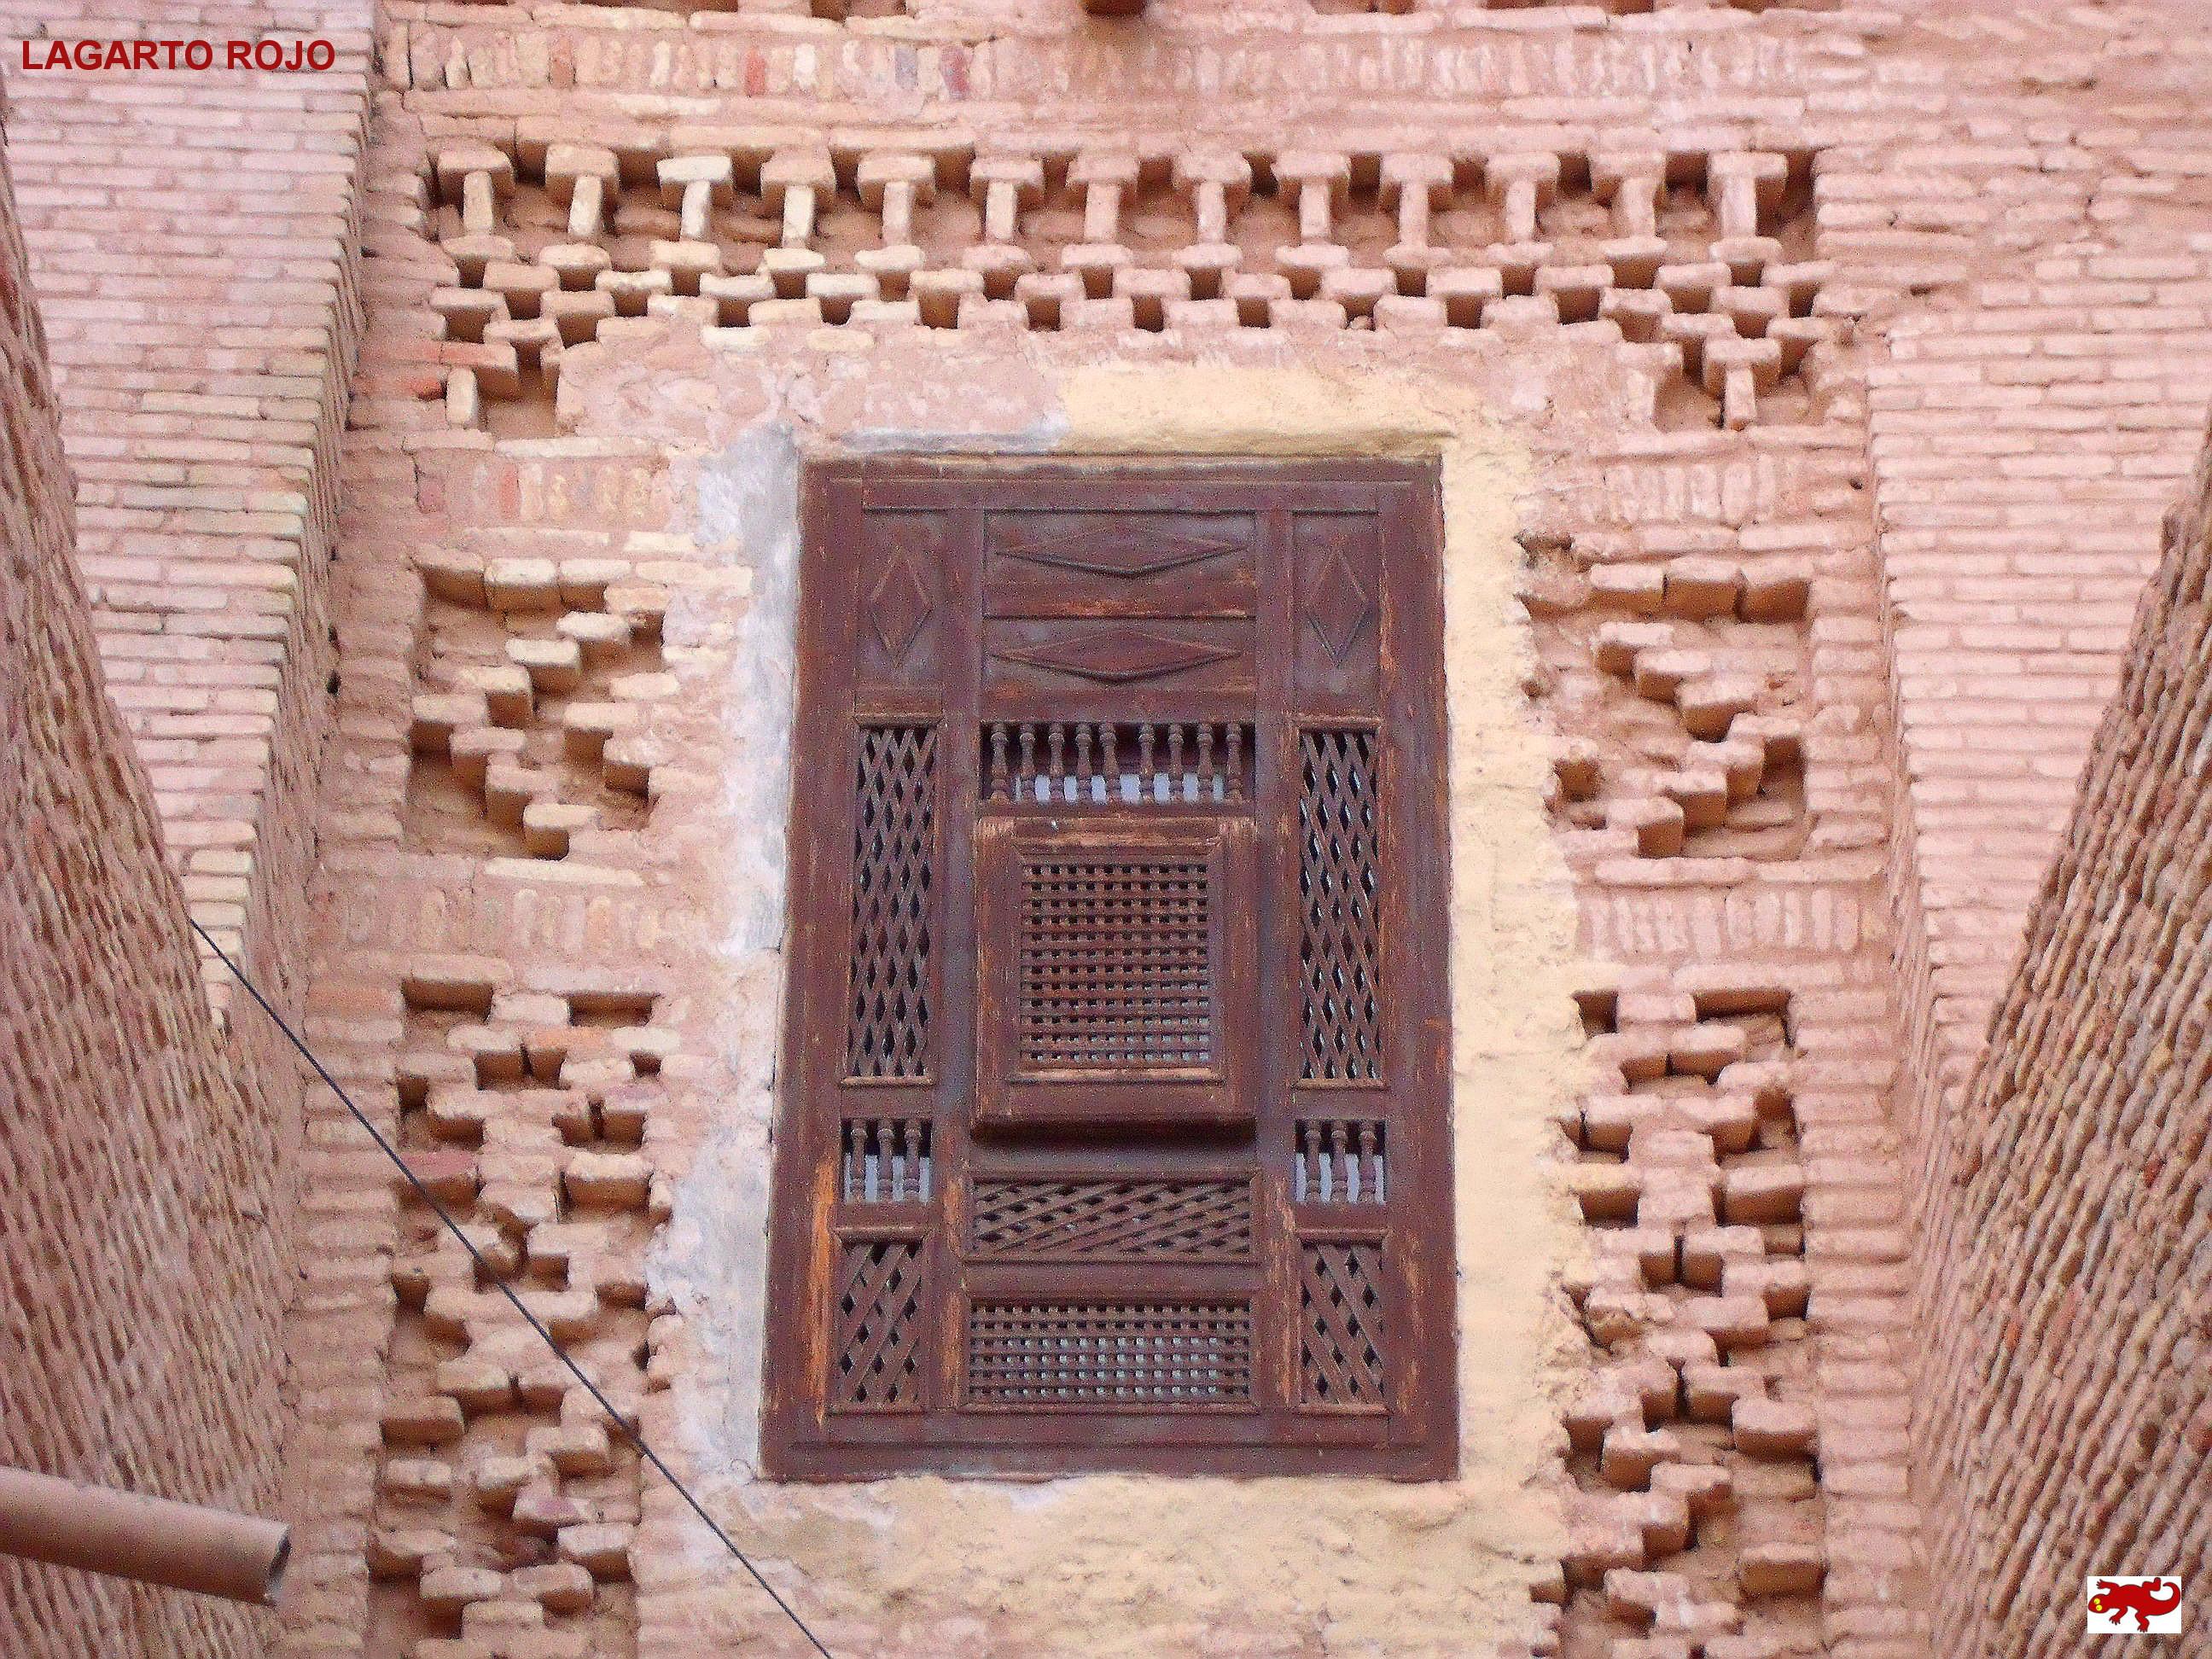 Puertas y ventanas los colores de t nez lagarto rojo for Puerta que abre para los dos lados